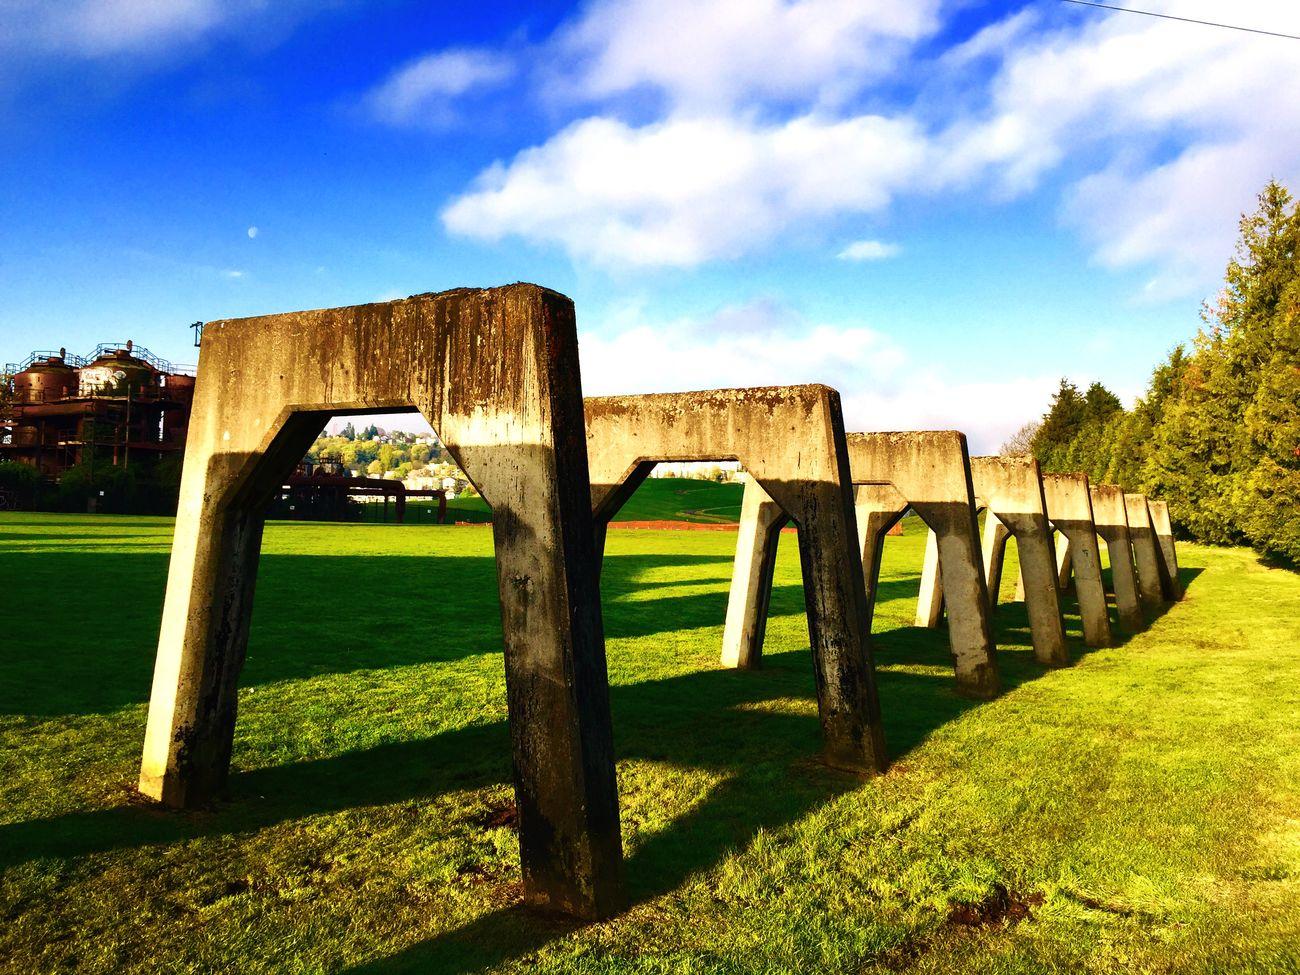 Seattle Landscape Symmetry Travel Walk L3 Filter